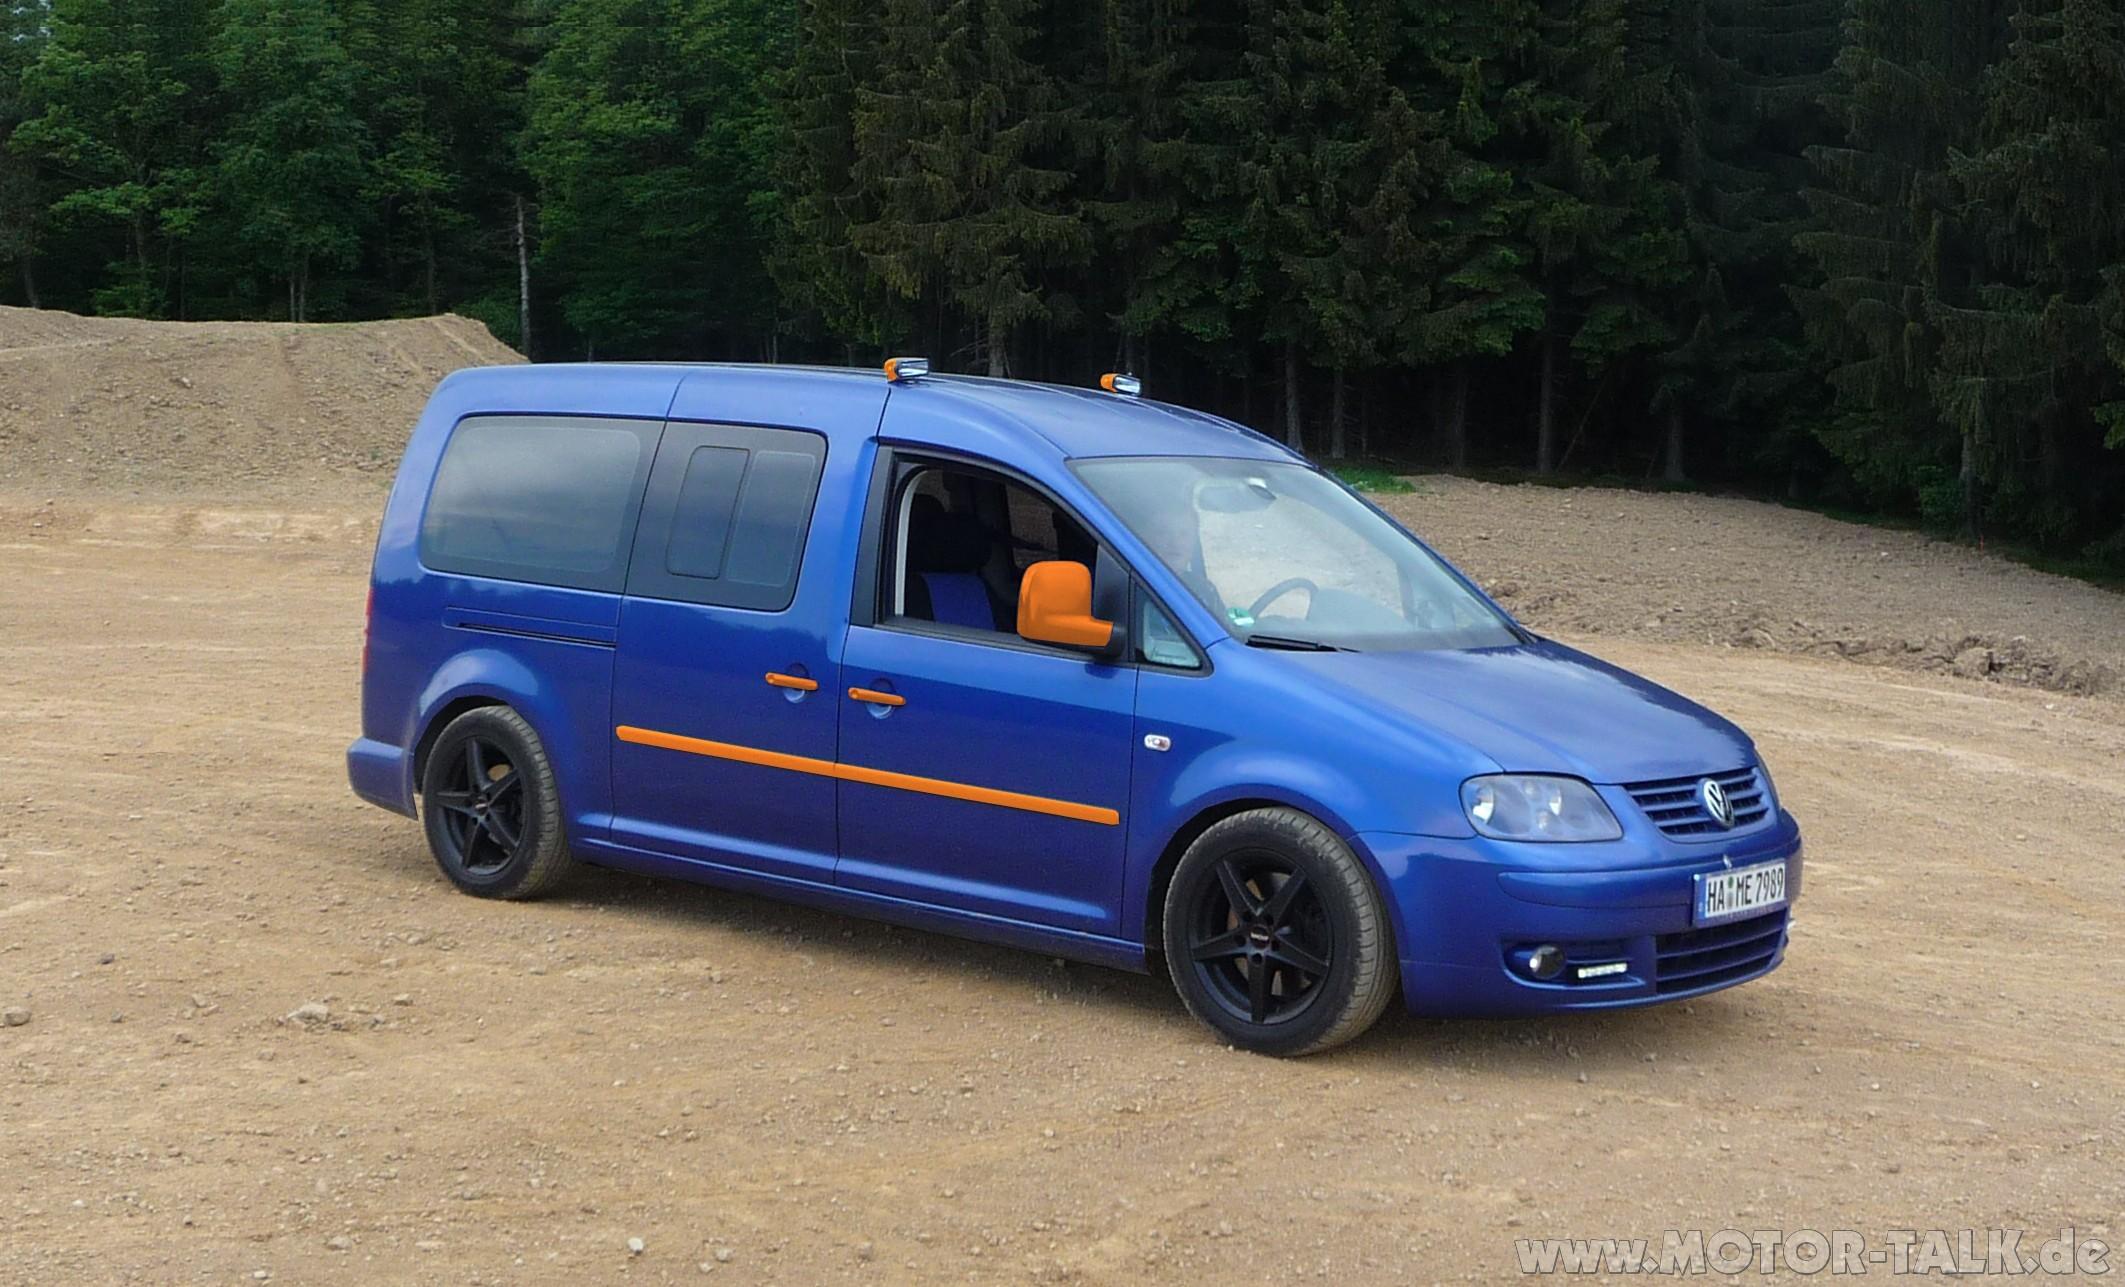 Tieferlegung : Caddy maxi Tuning : VW Caddy : #204344509